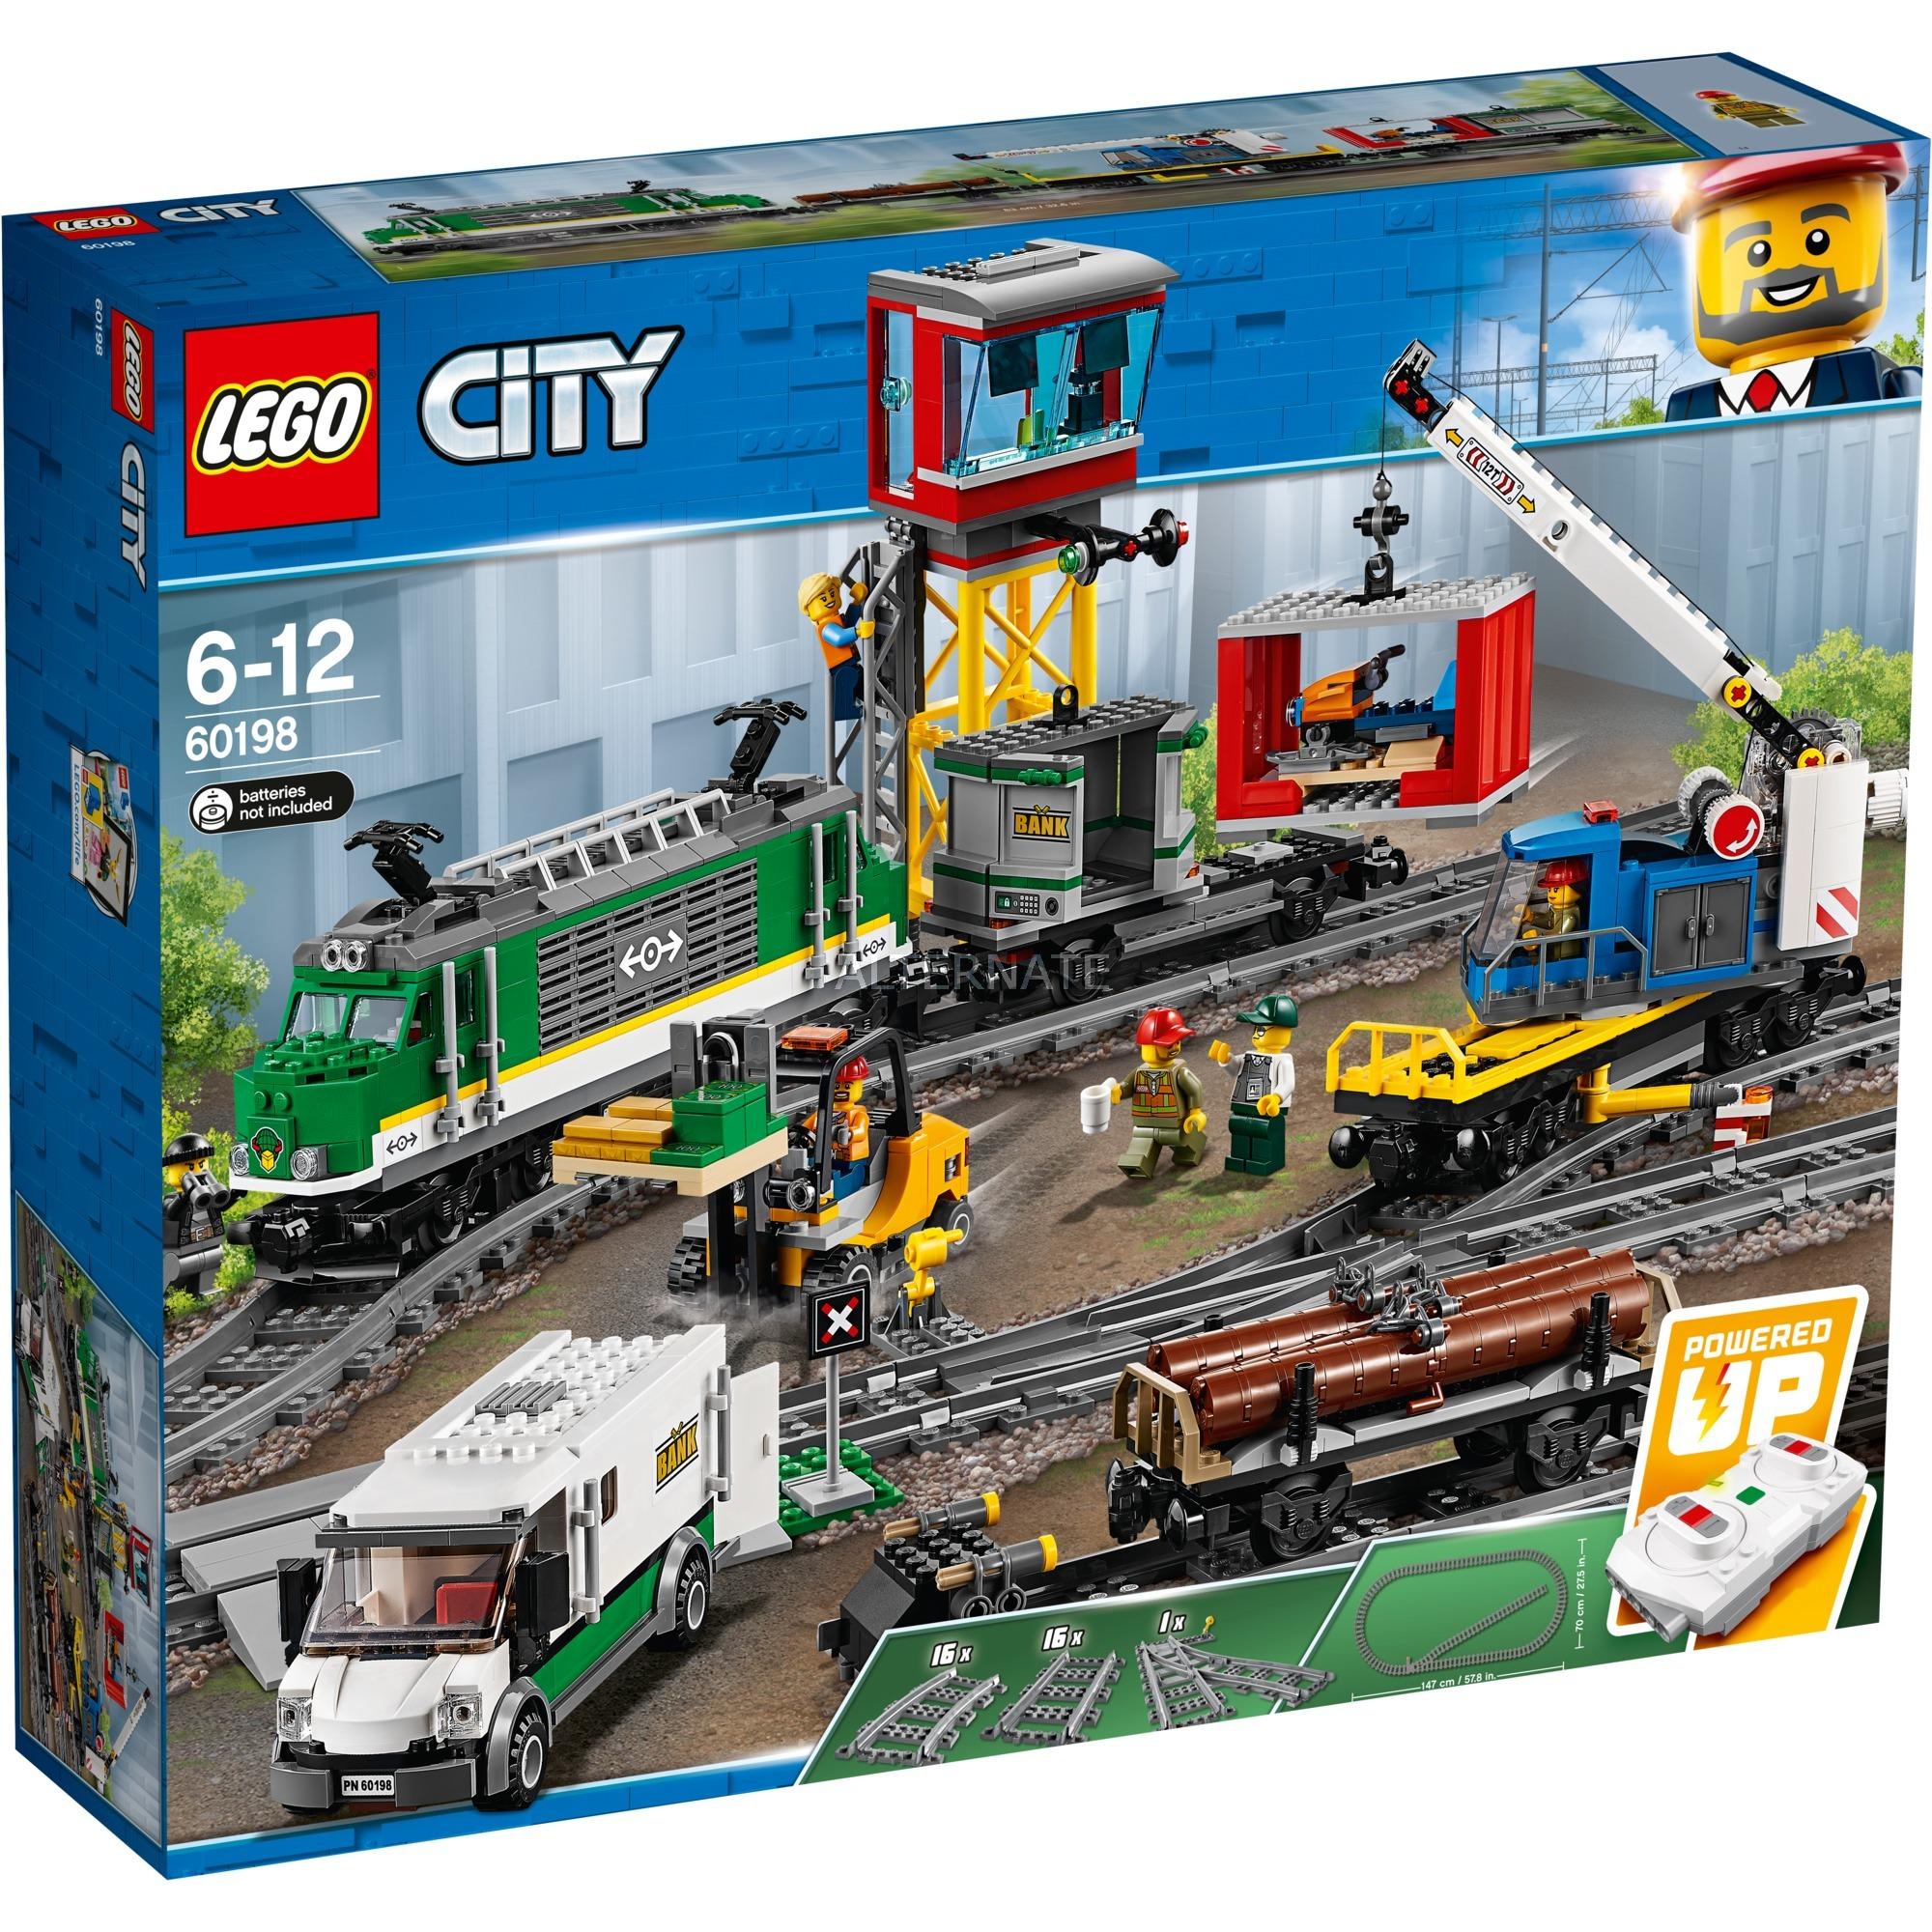 60198, Juegos de construcción